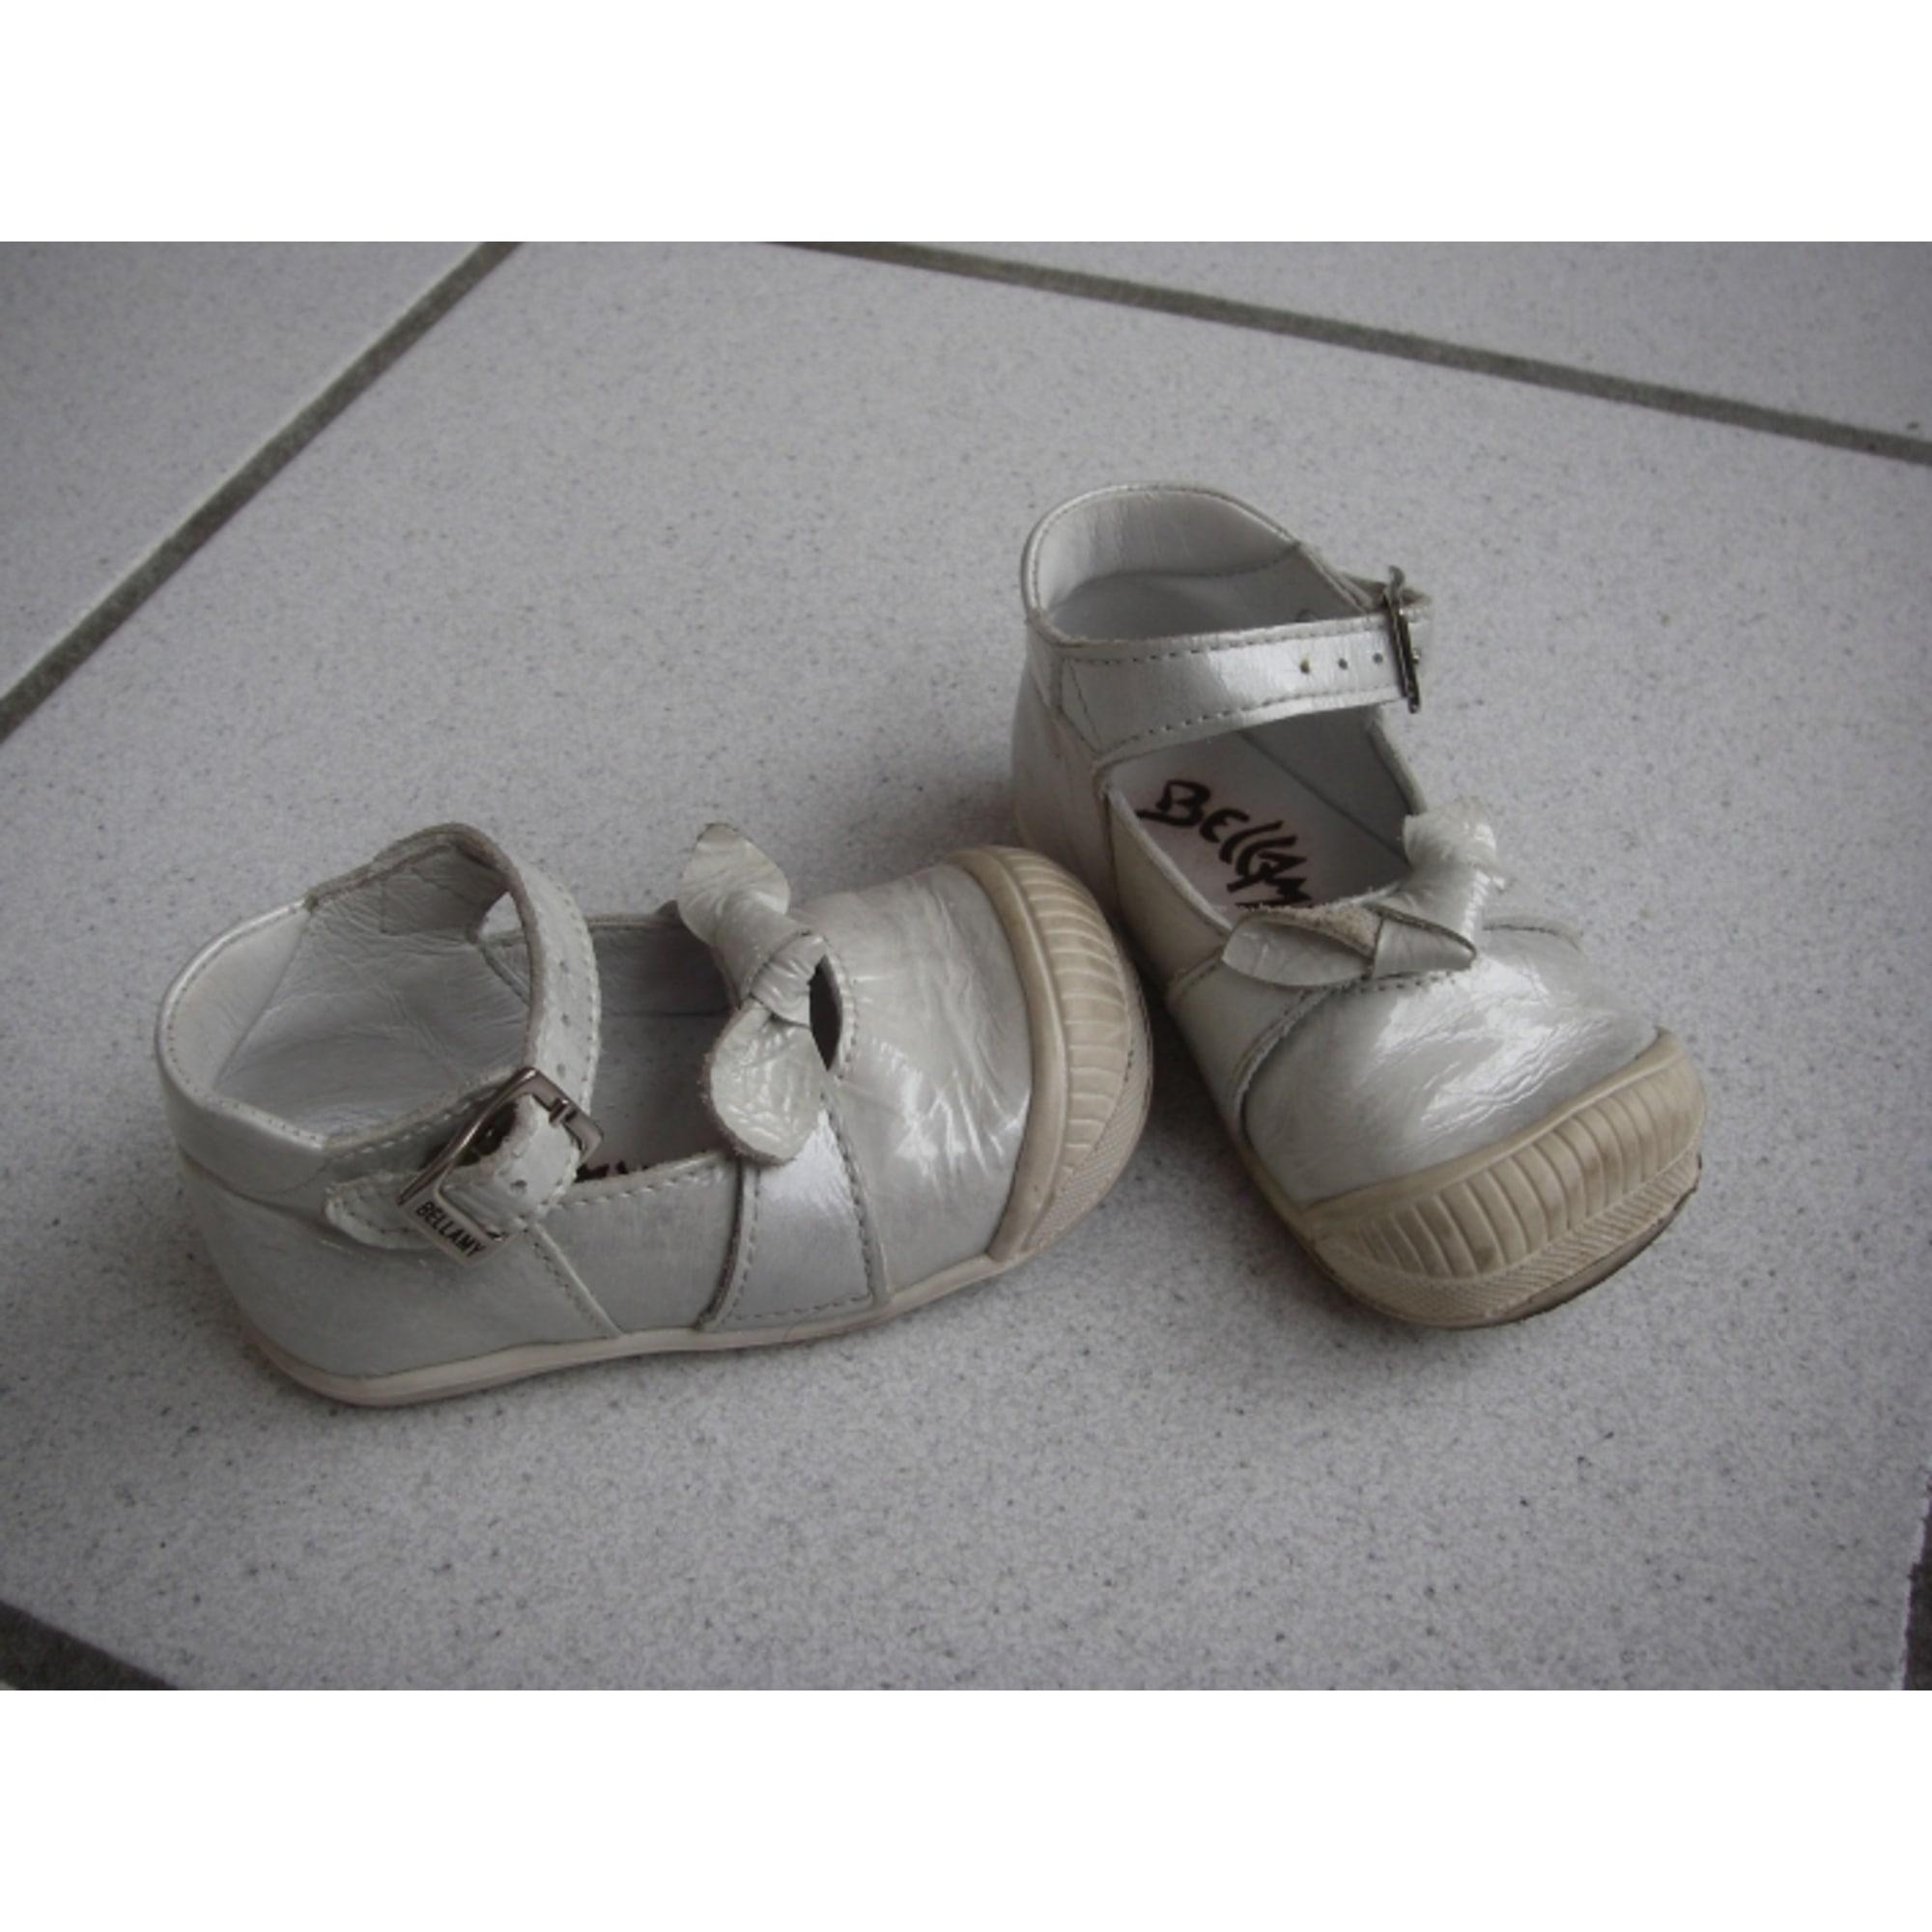 Chaussures à boucle BELLAMY GRIS NACRE ARGENTE